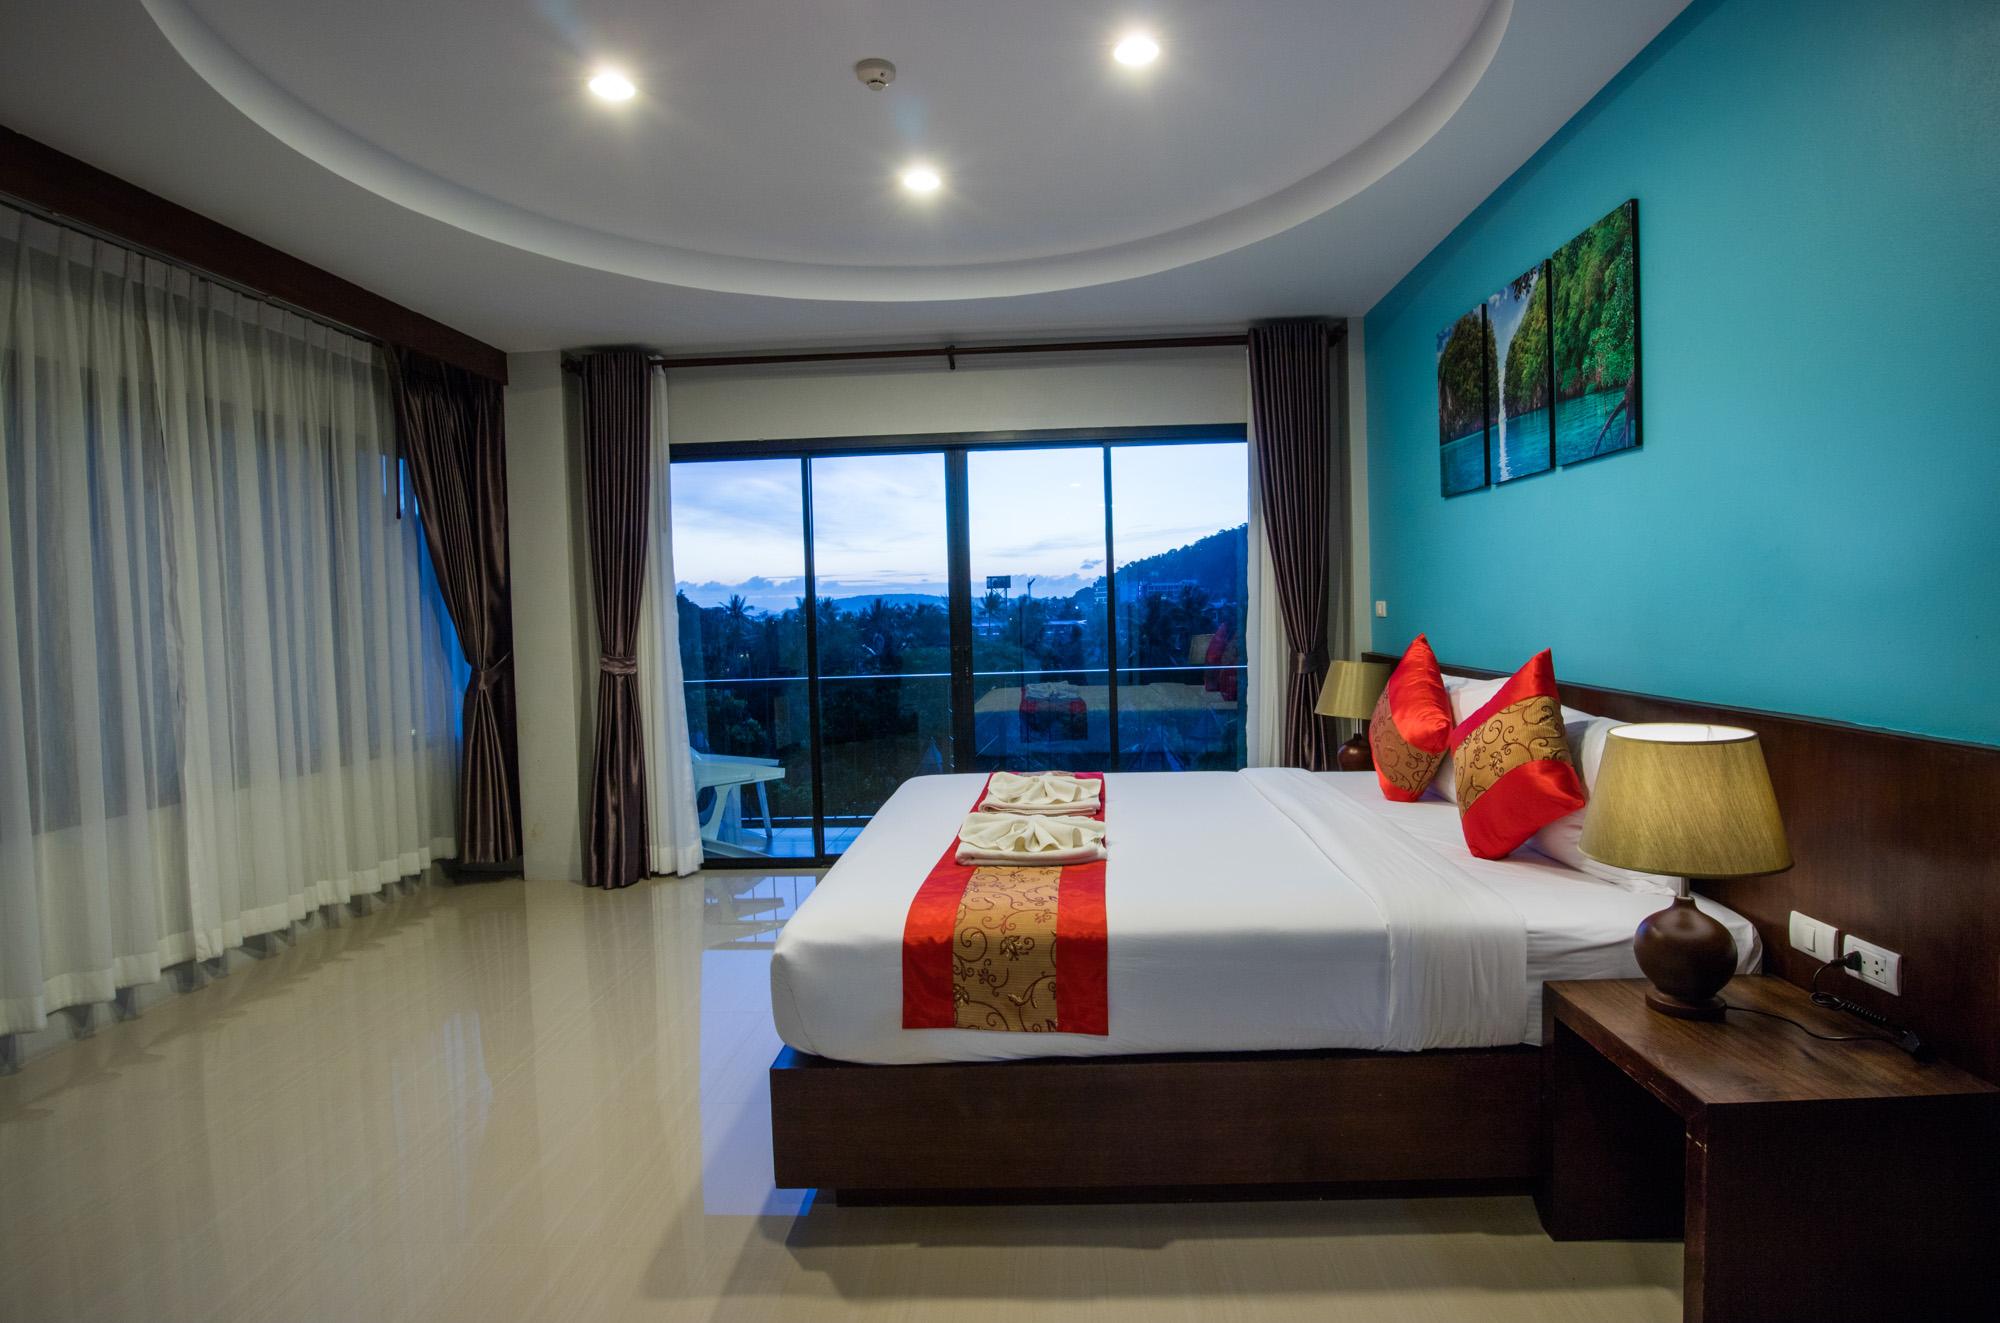 Andaman Pearl Resort อันดามัน เพิร์ล รีสอร์ต  อันดามันเพิร์ล รีสอร์ท Andaman Pearl Resort Aonang IMG 4985